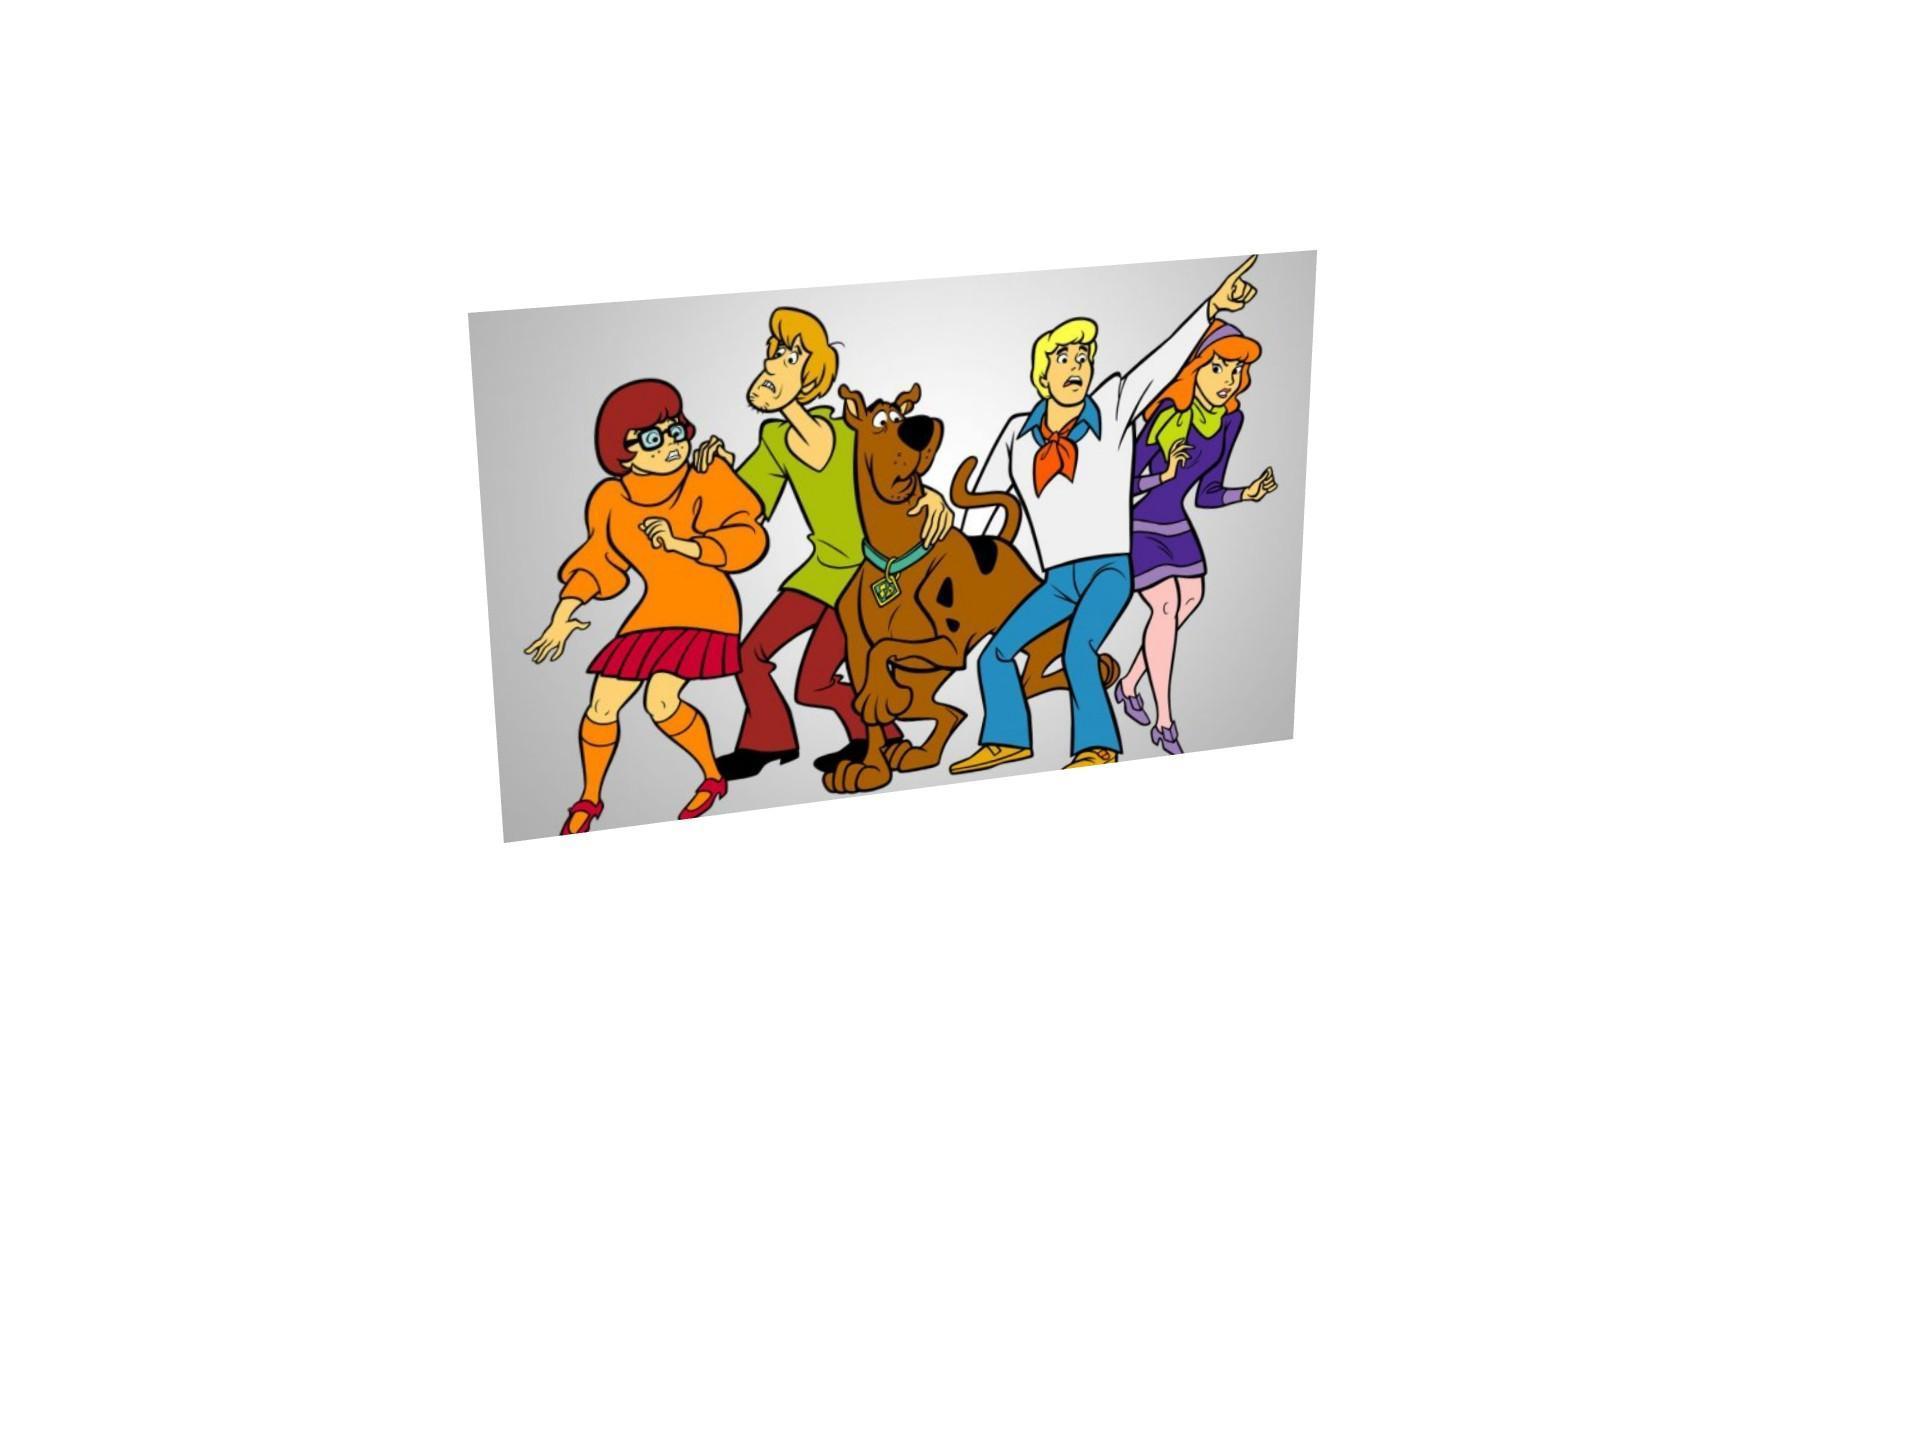 300 Scooby Doo Wallpaper Hd для андроид скачать Apk